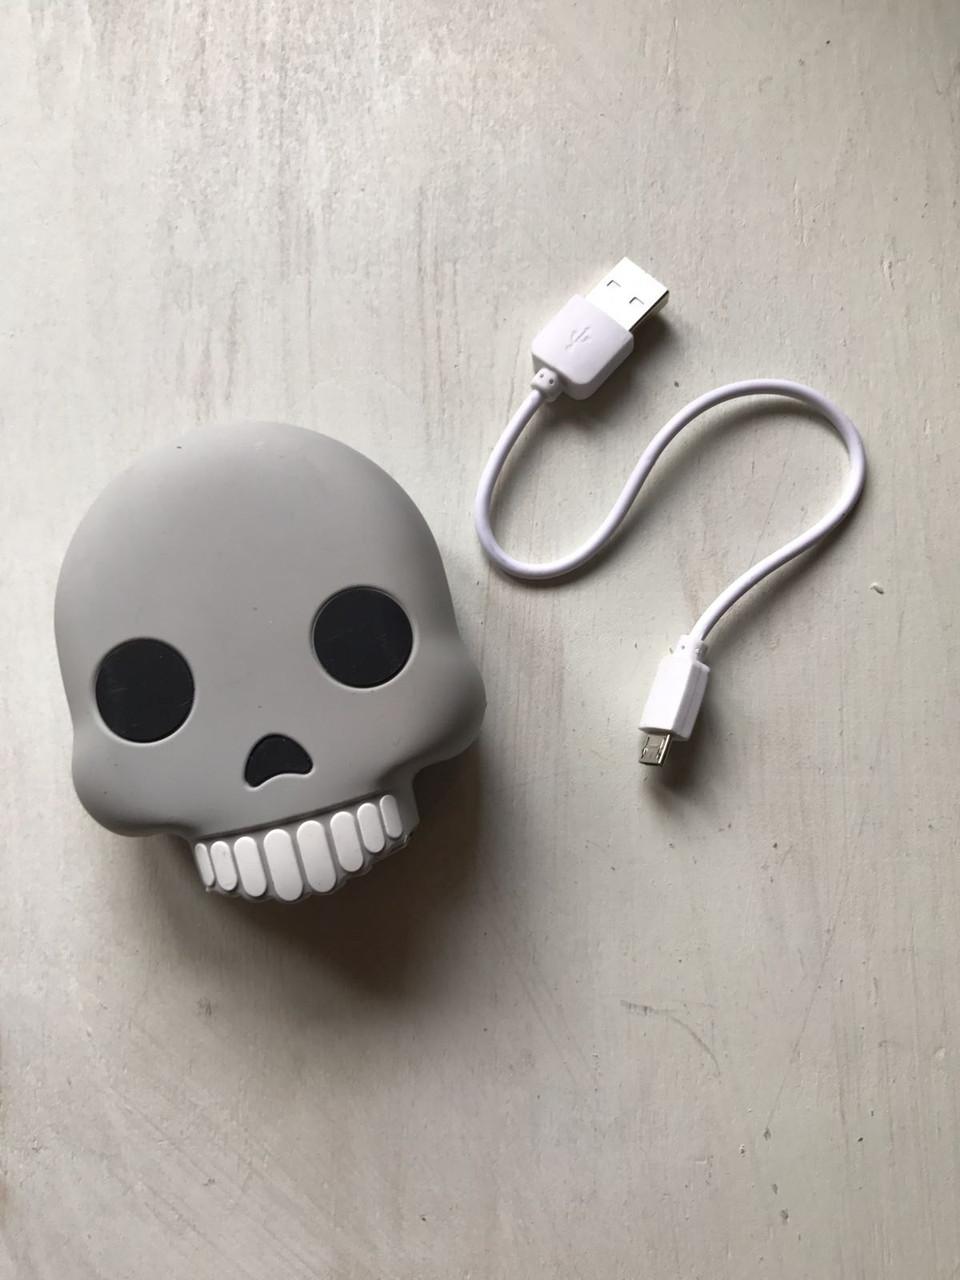 Портативный аккумулятор повер банк смайл череп для телефона 8800 мАч